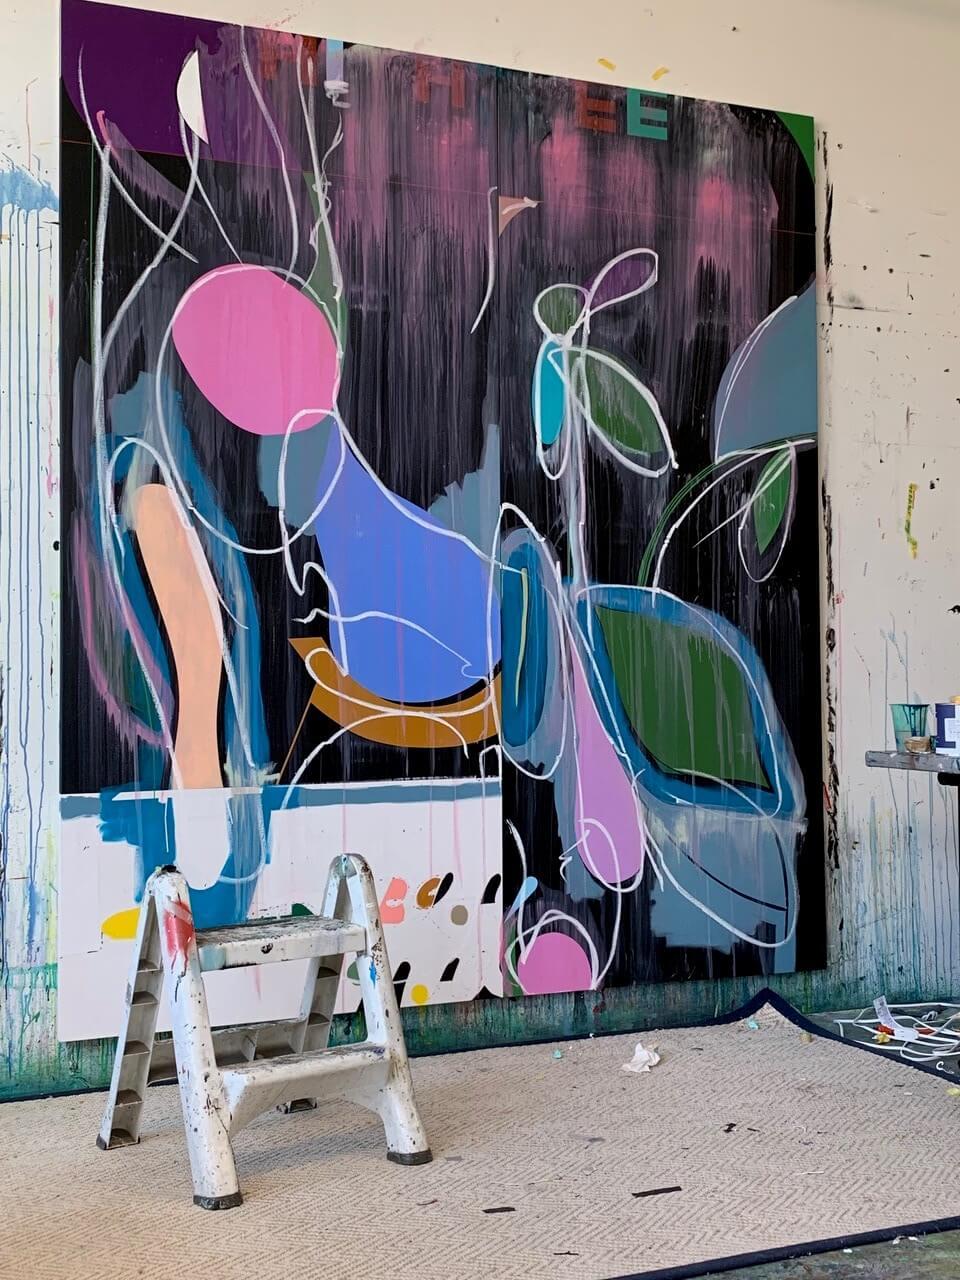 Galerie Benjamin Eck München Acryl, Ölstick auf Leinwand